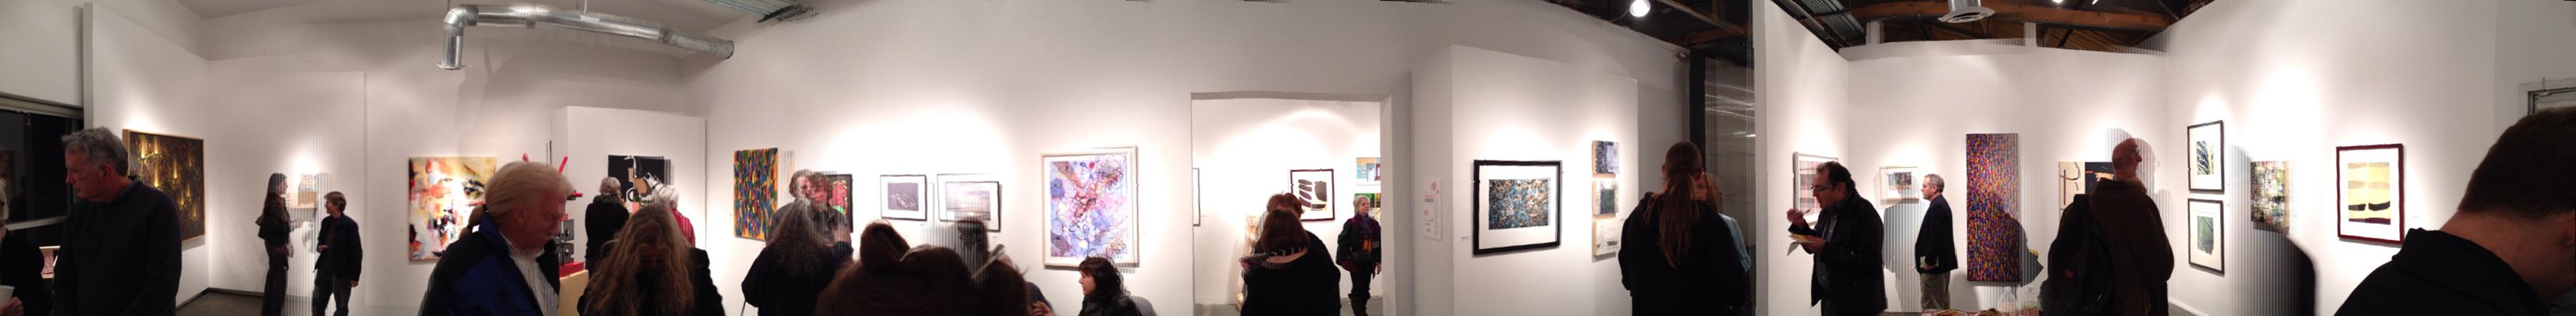 Spark Gallery panorama